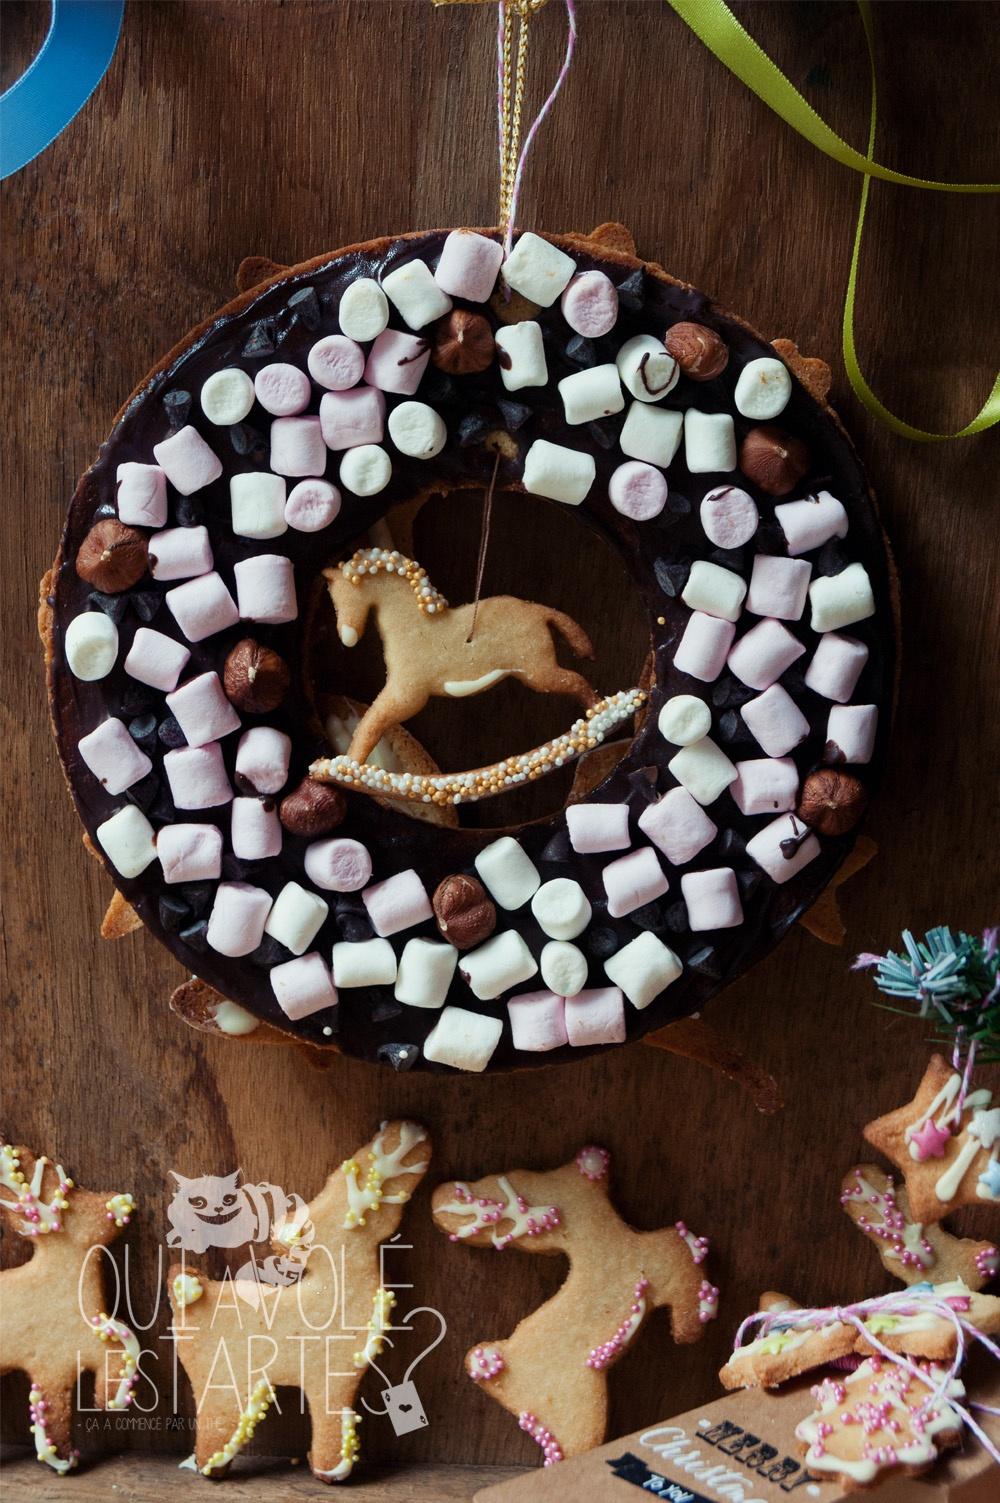 Cadeaux gourmands & couronne de Noel 7 - Studio 2 création - Qui a volé les tartes